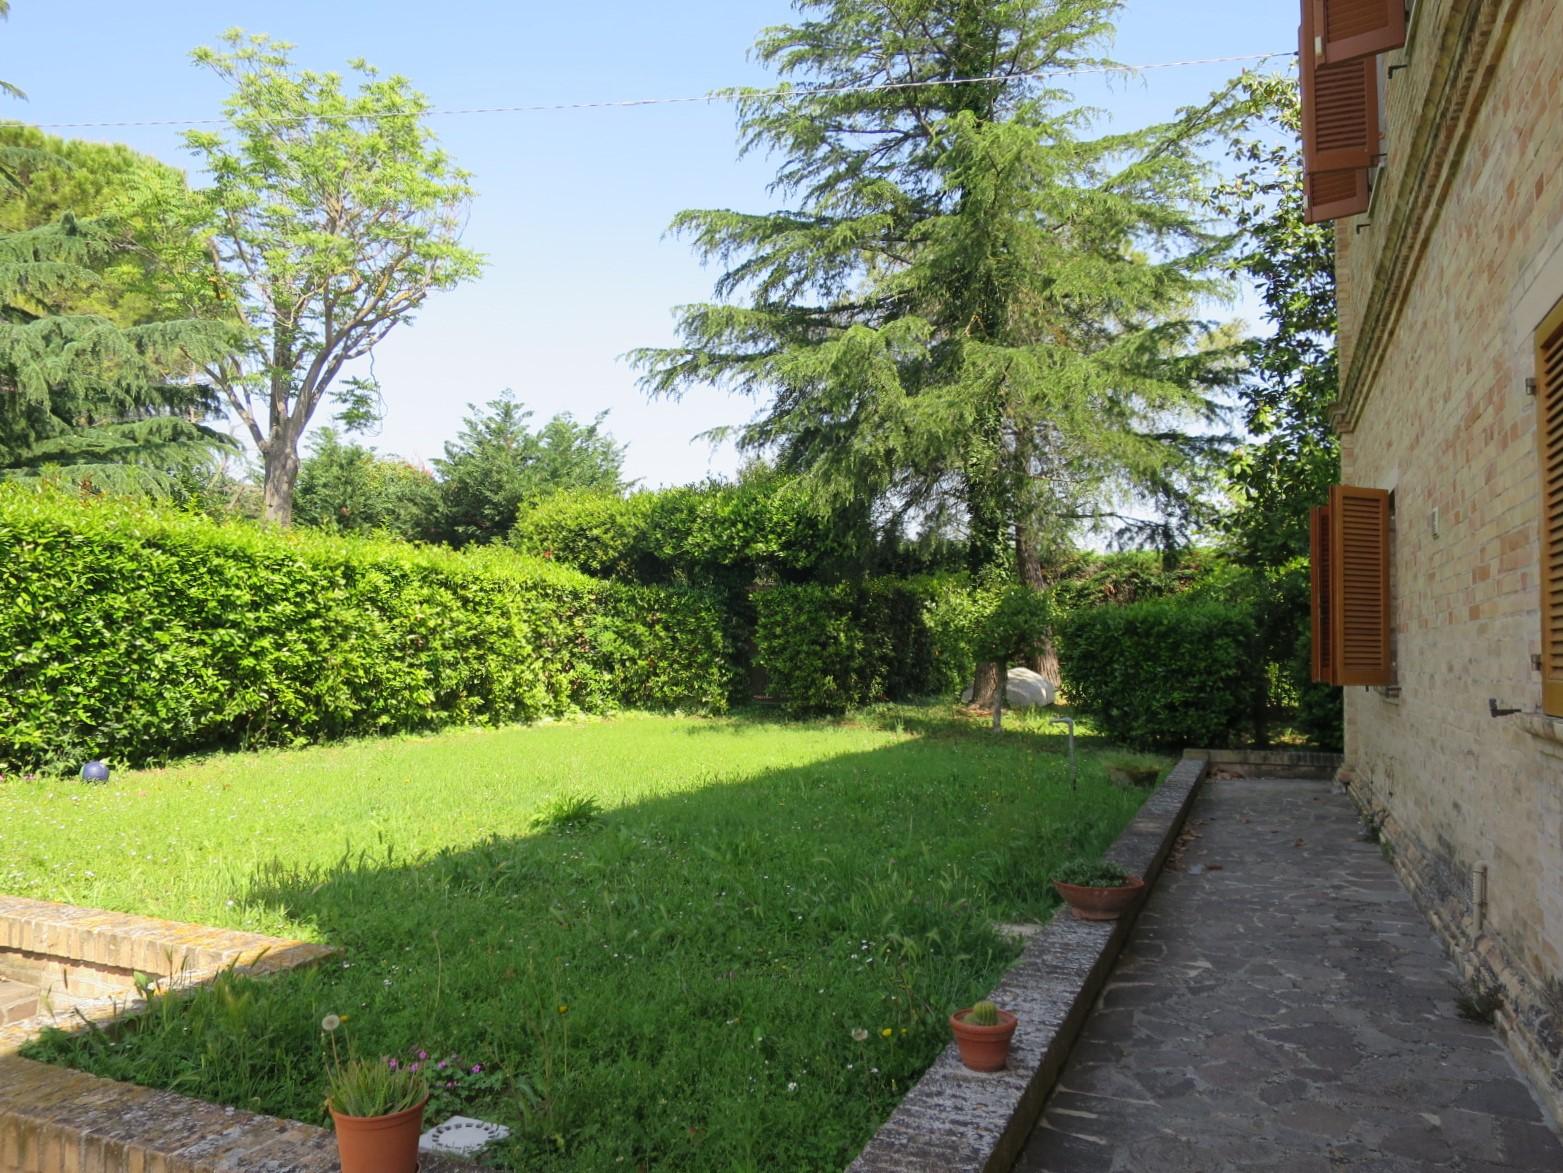 Villa Villa for sale Roseto degli Abruzzi (TE), Villa del Marinaio - Roseto degli Abruzzi - EUR 385.559 400